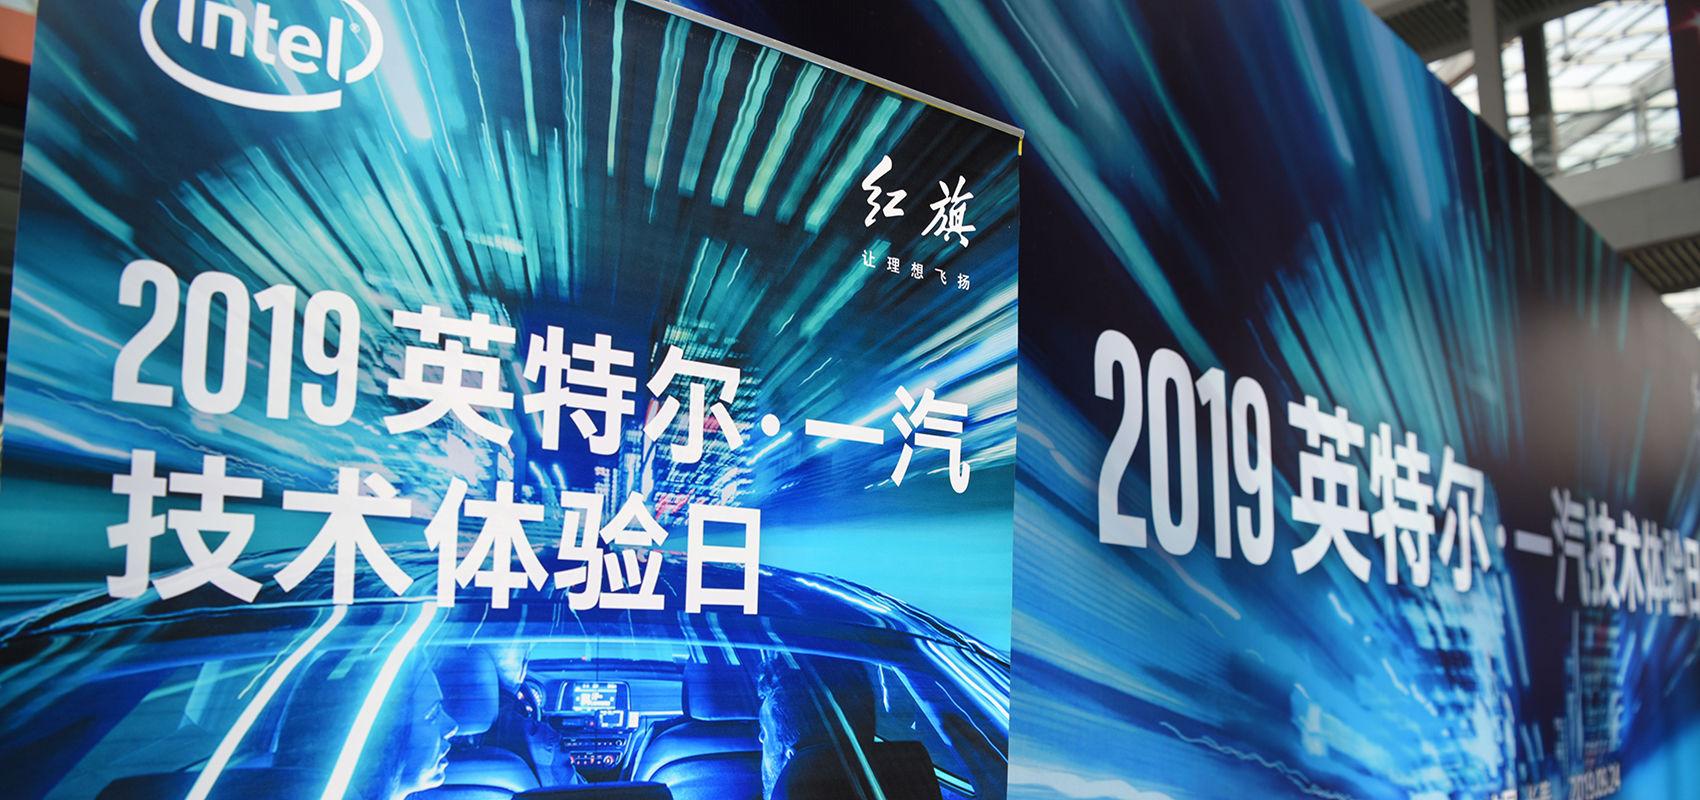 简称 sdv)是前百度高级副总裁,自动驾驶事业部总经理王劲提出的概念